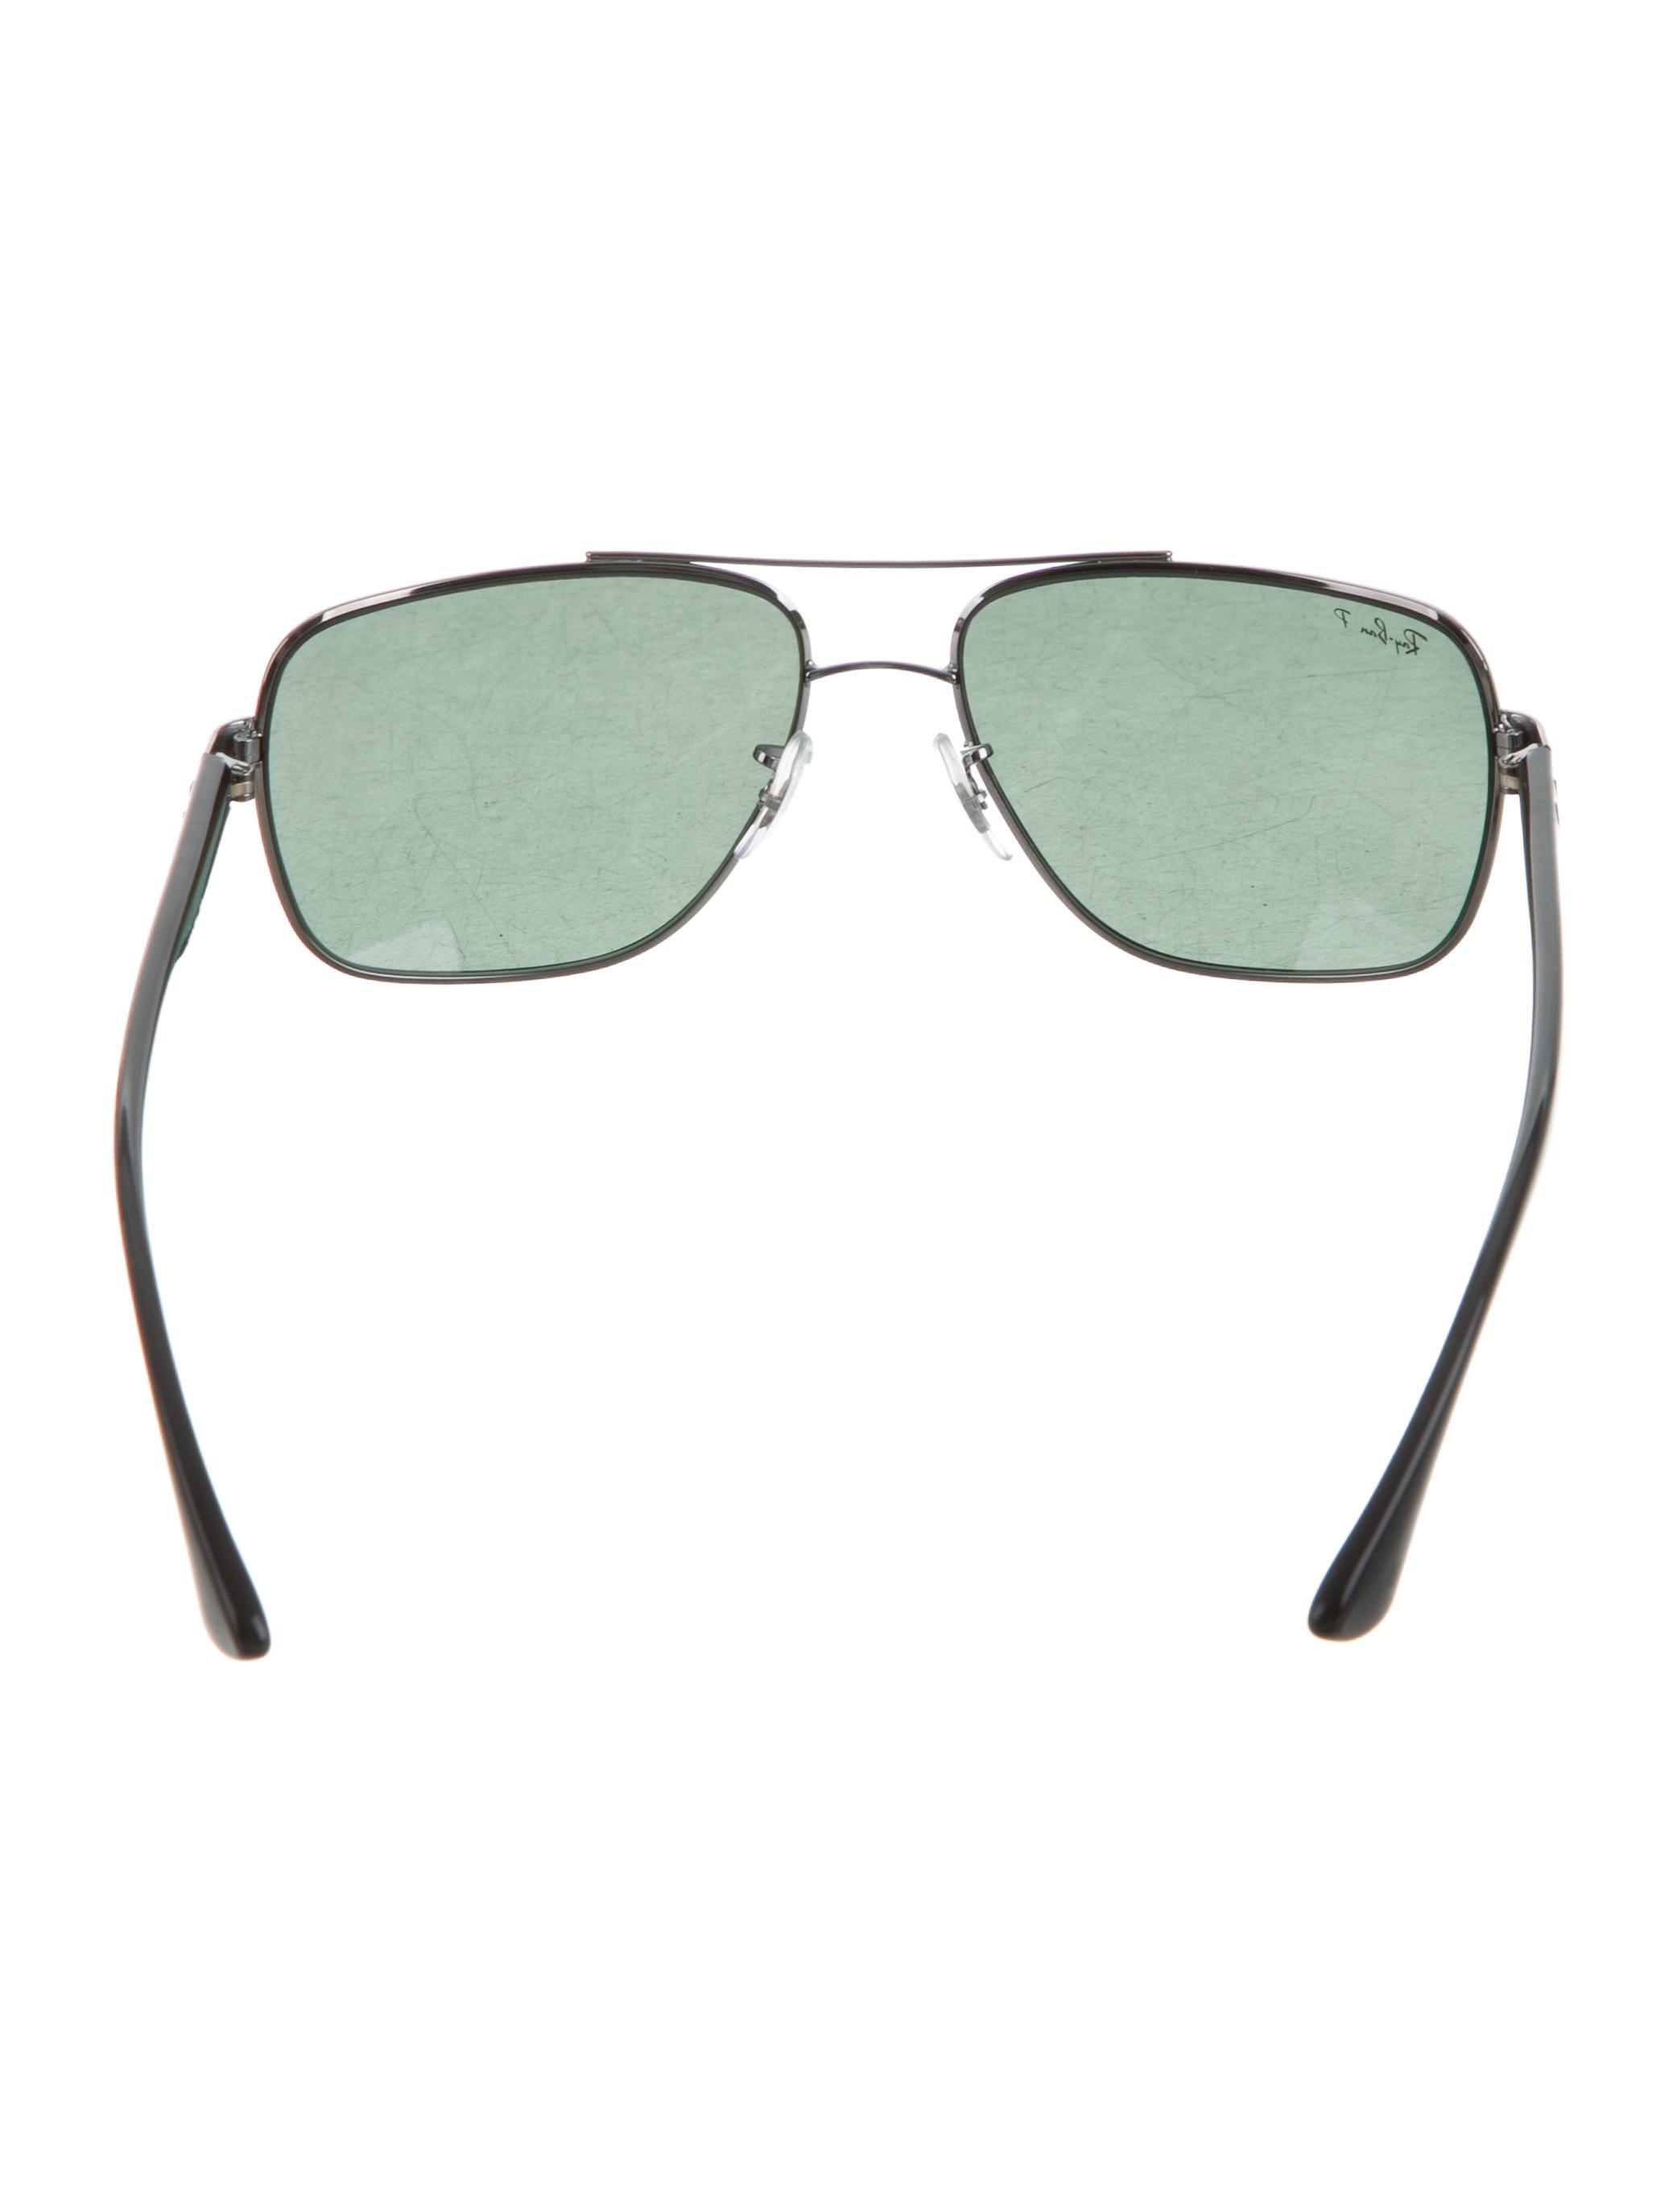 Ray Ban 3483 Polarized Sunglasses   Louisiana Bucket Brigade 6e654db617